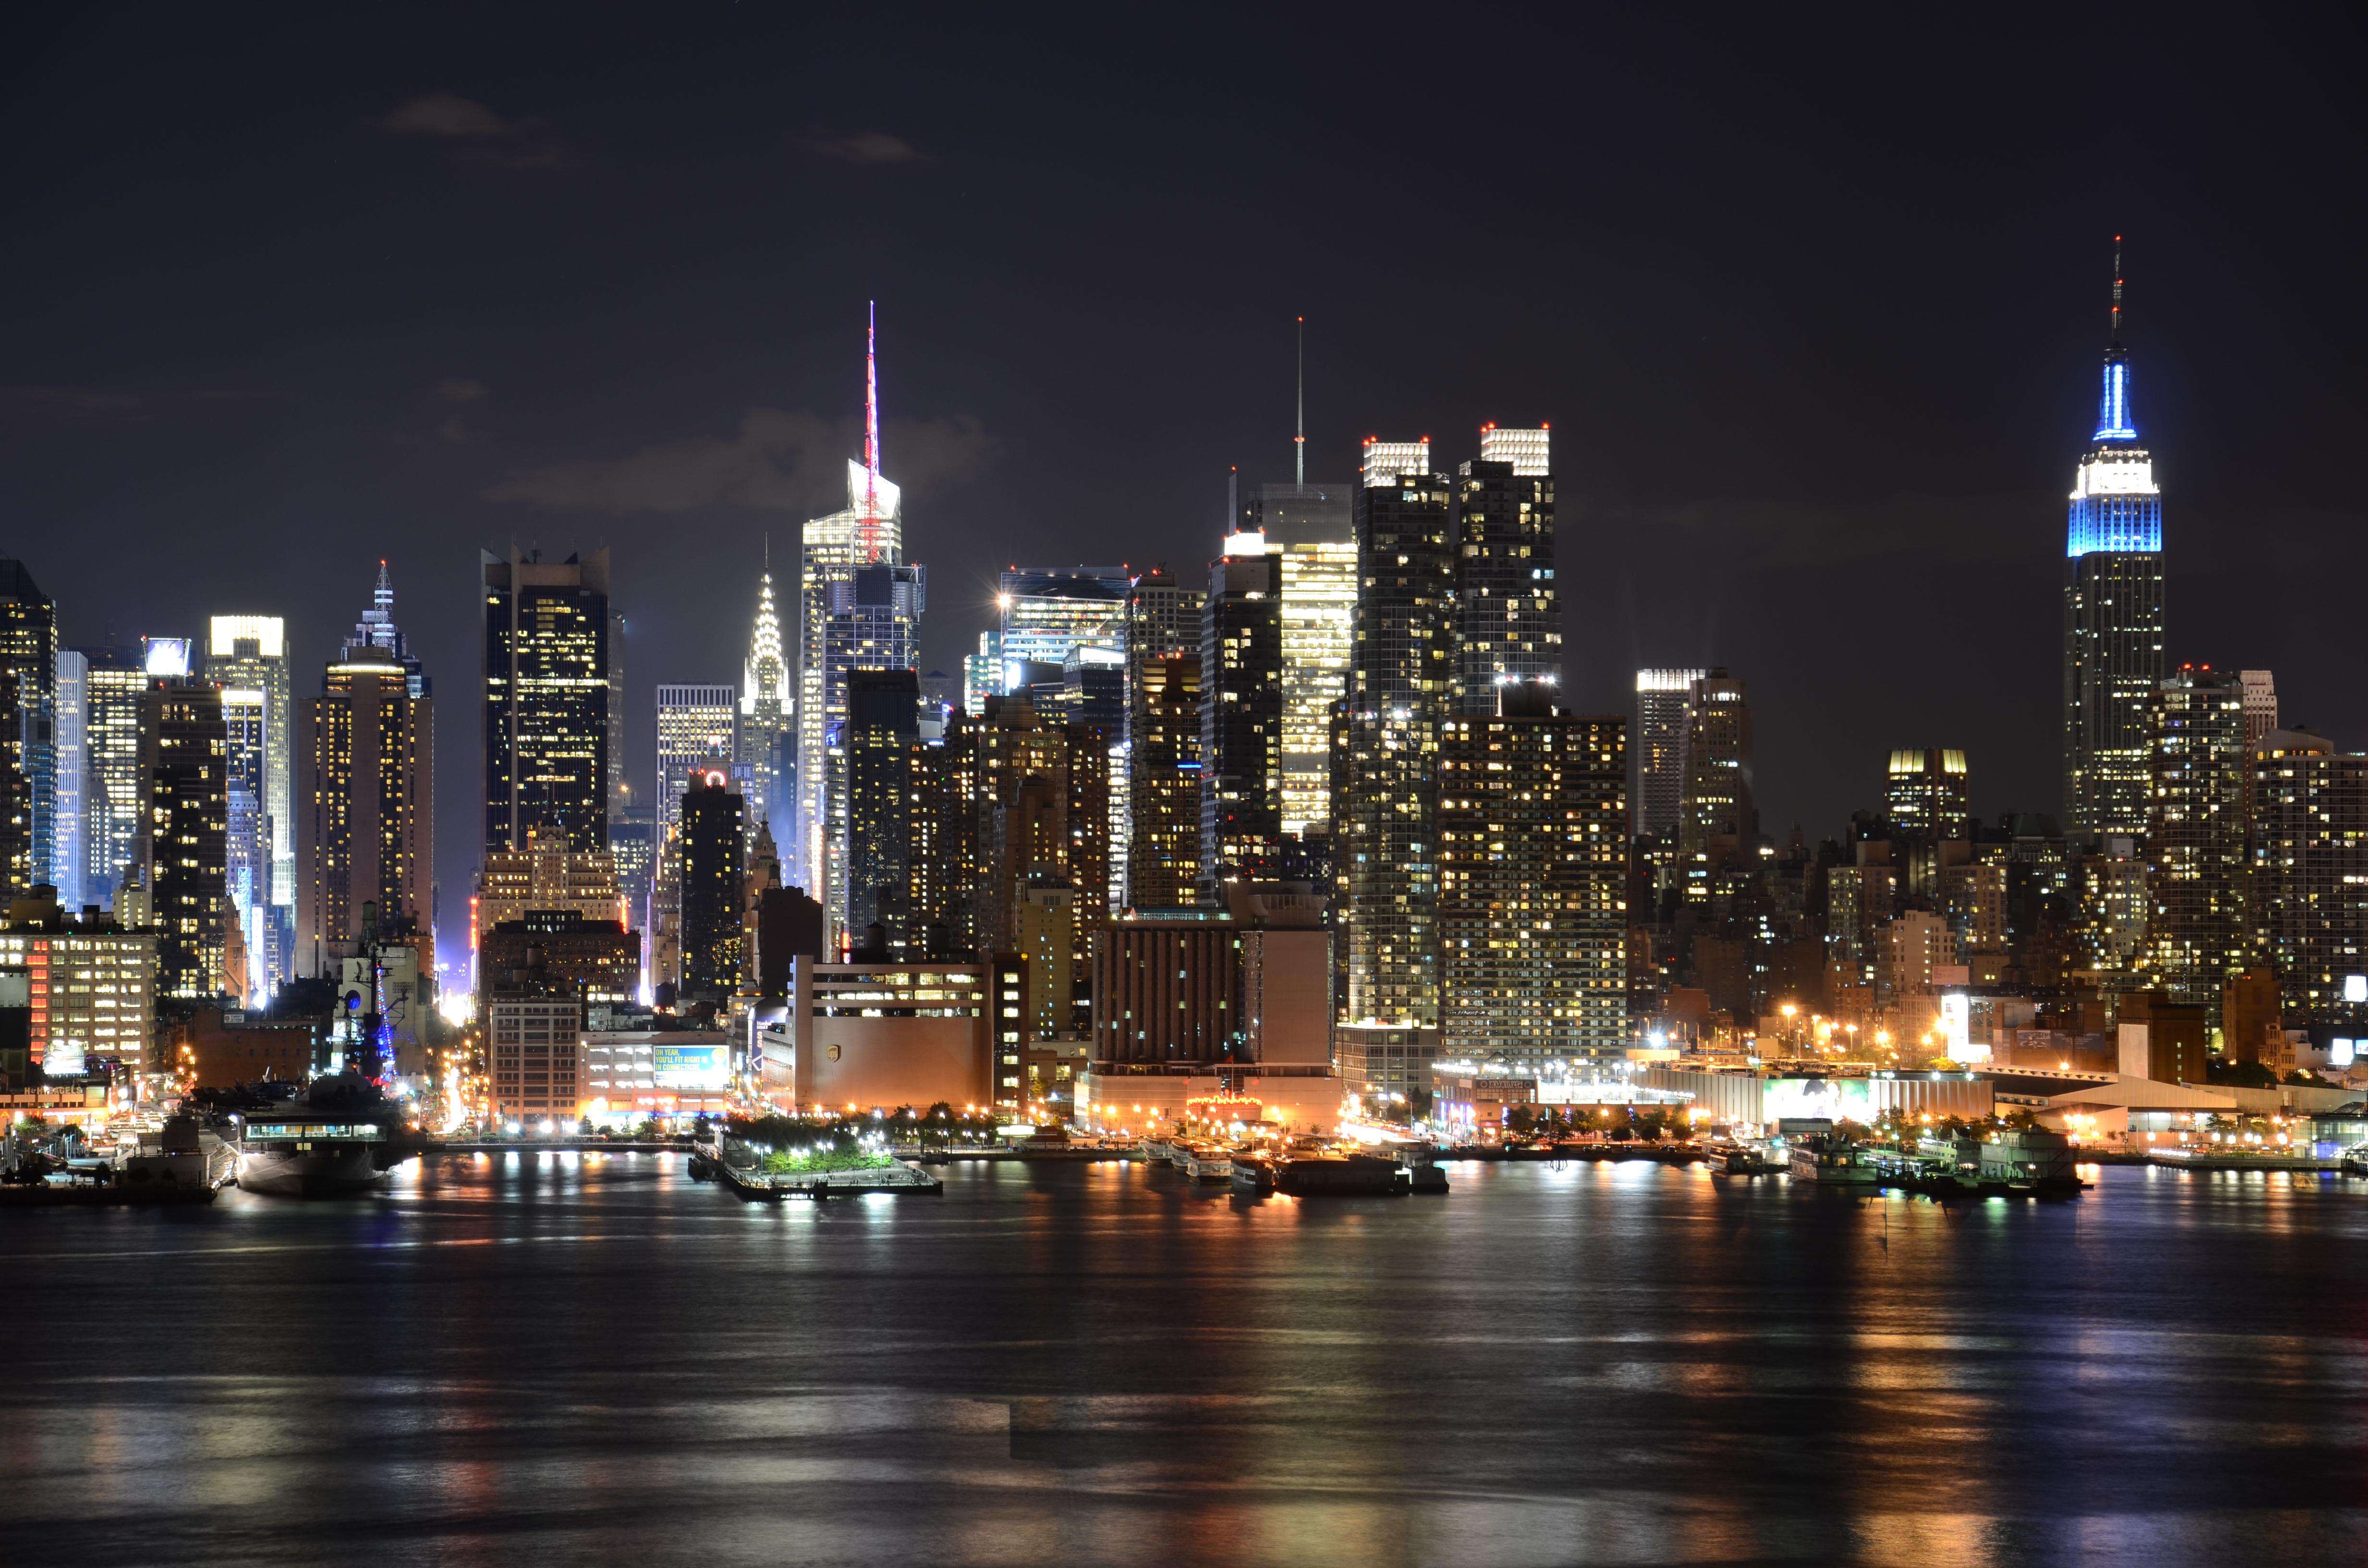 แนะนำสถานที่ท่องเที่ยวในรัฐ New York